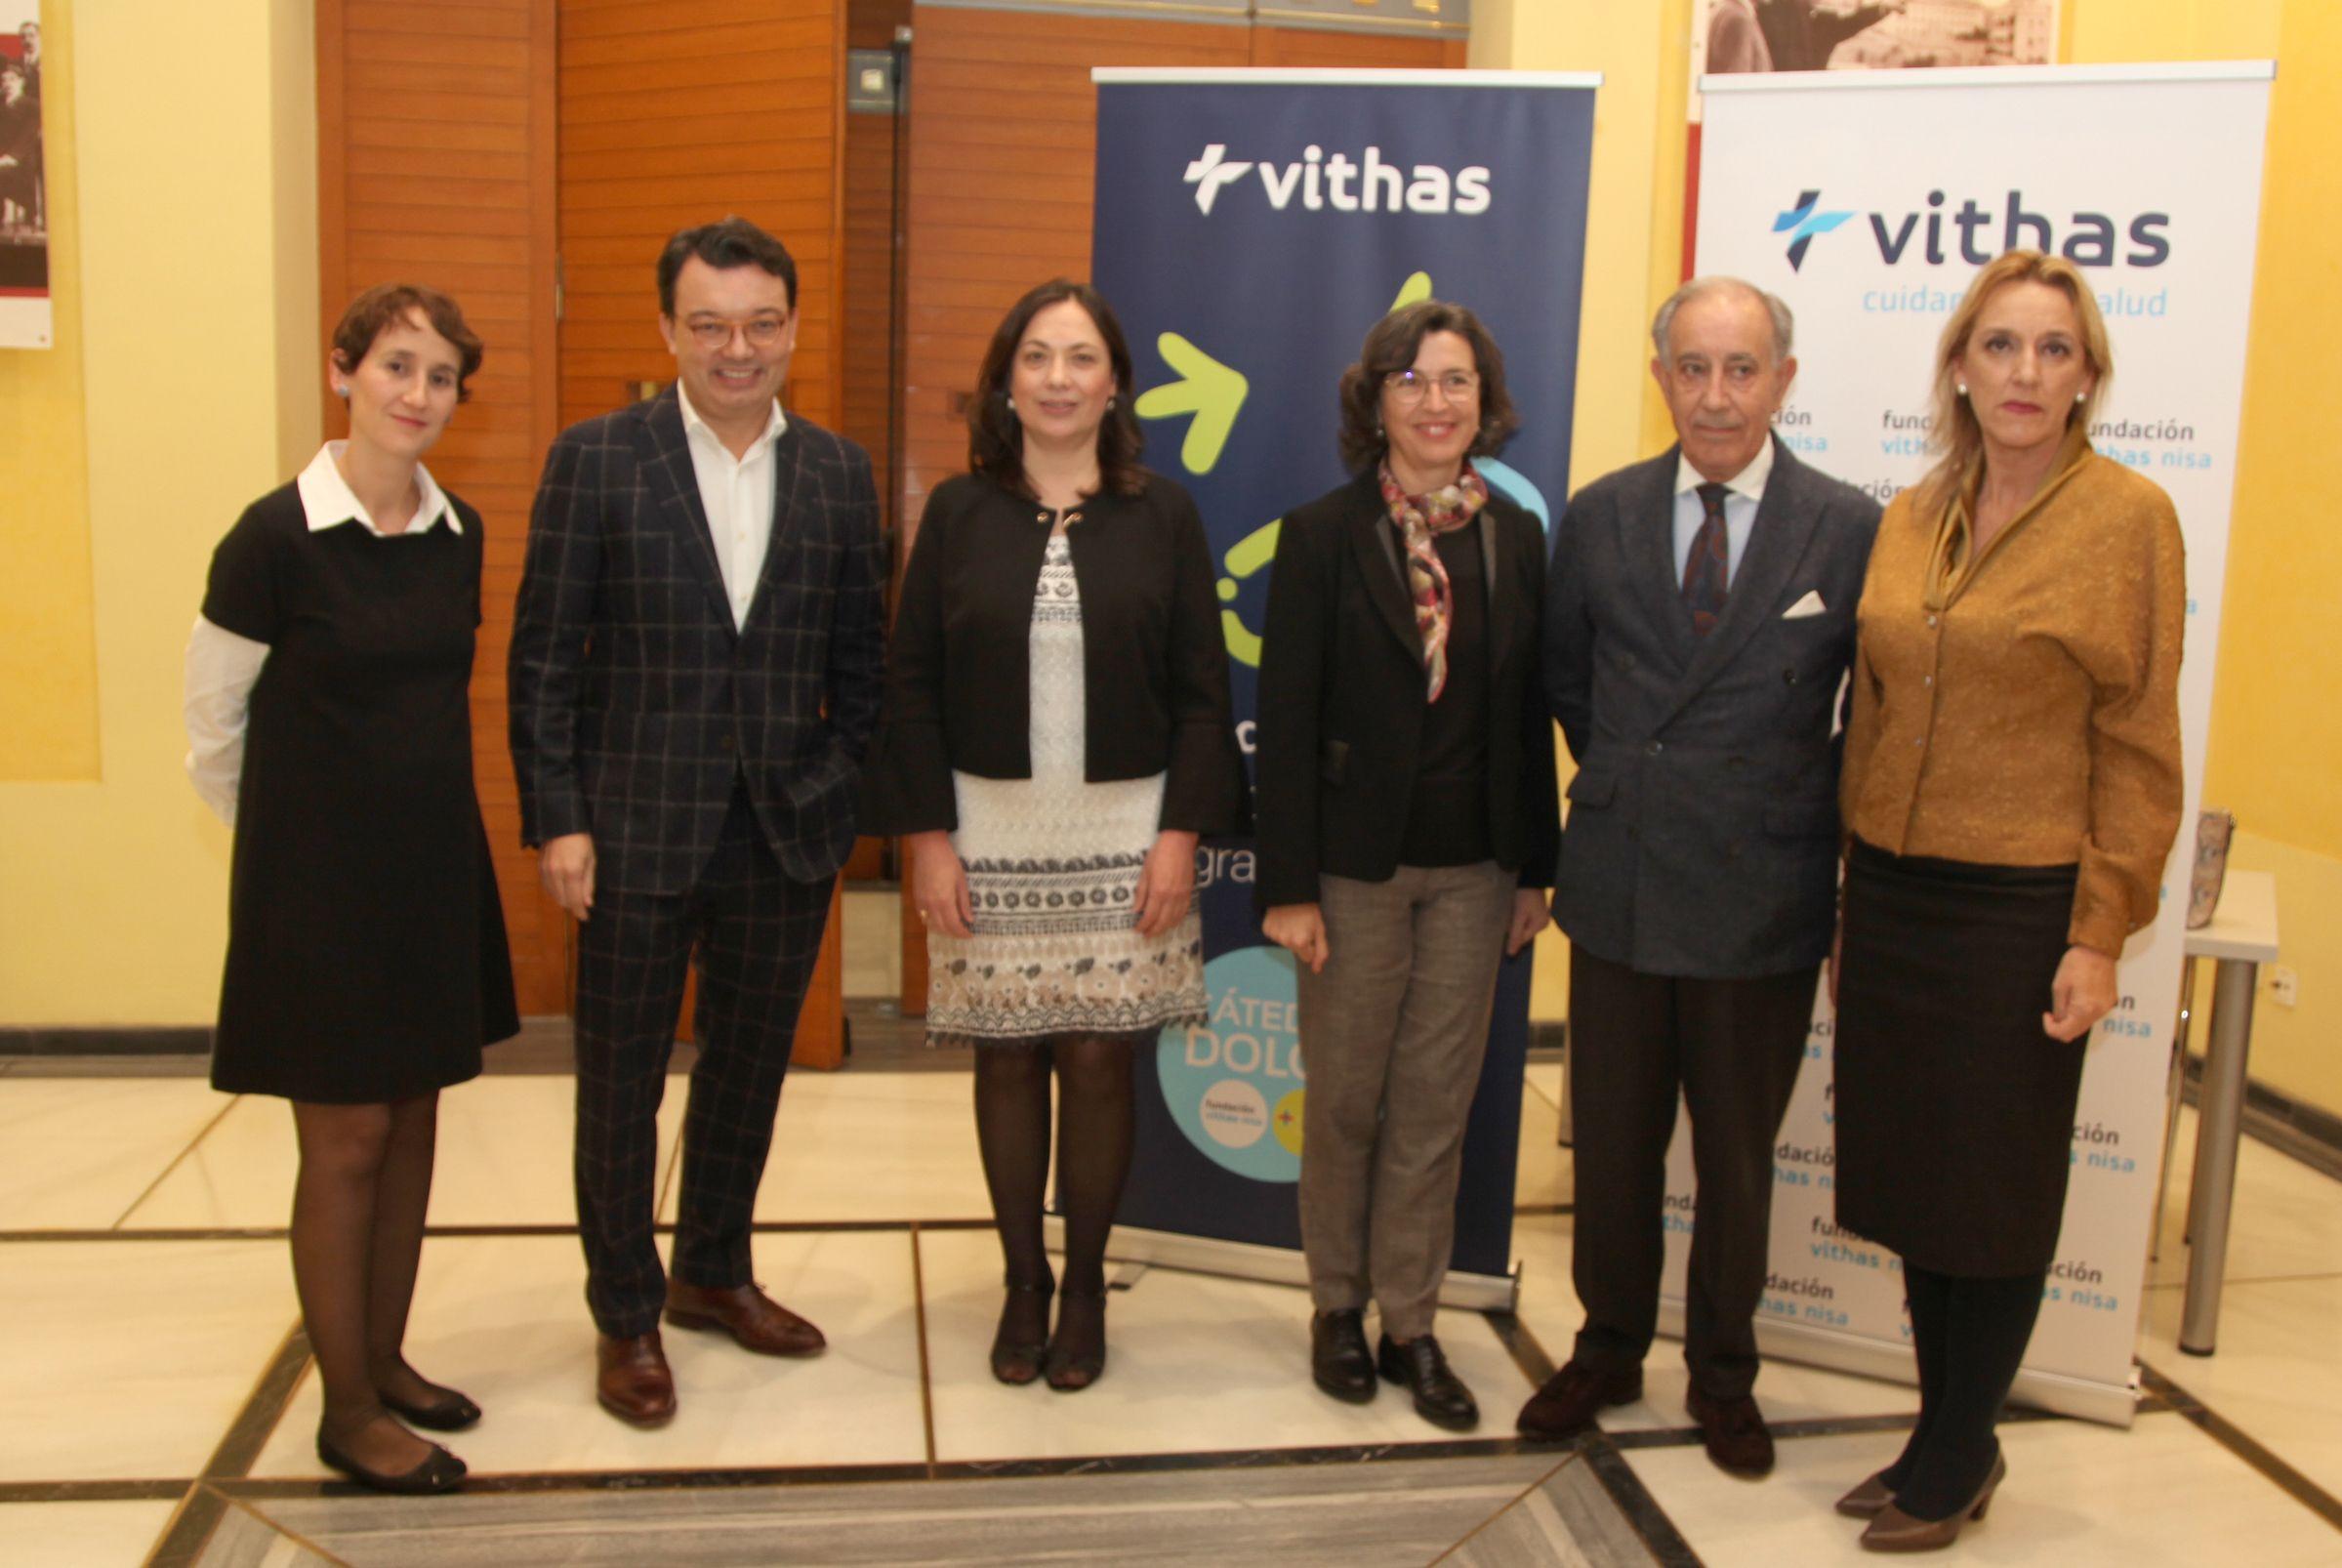 Responsables de la Fundación Vithas Nisa y la Facultad de Ciencias de la Salud de la CEU UCH, en la presentación de la Cátedra en el Palacio de Colomina-CEU de Valencia.